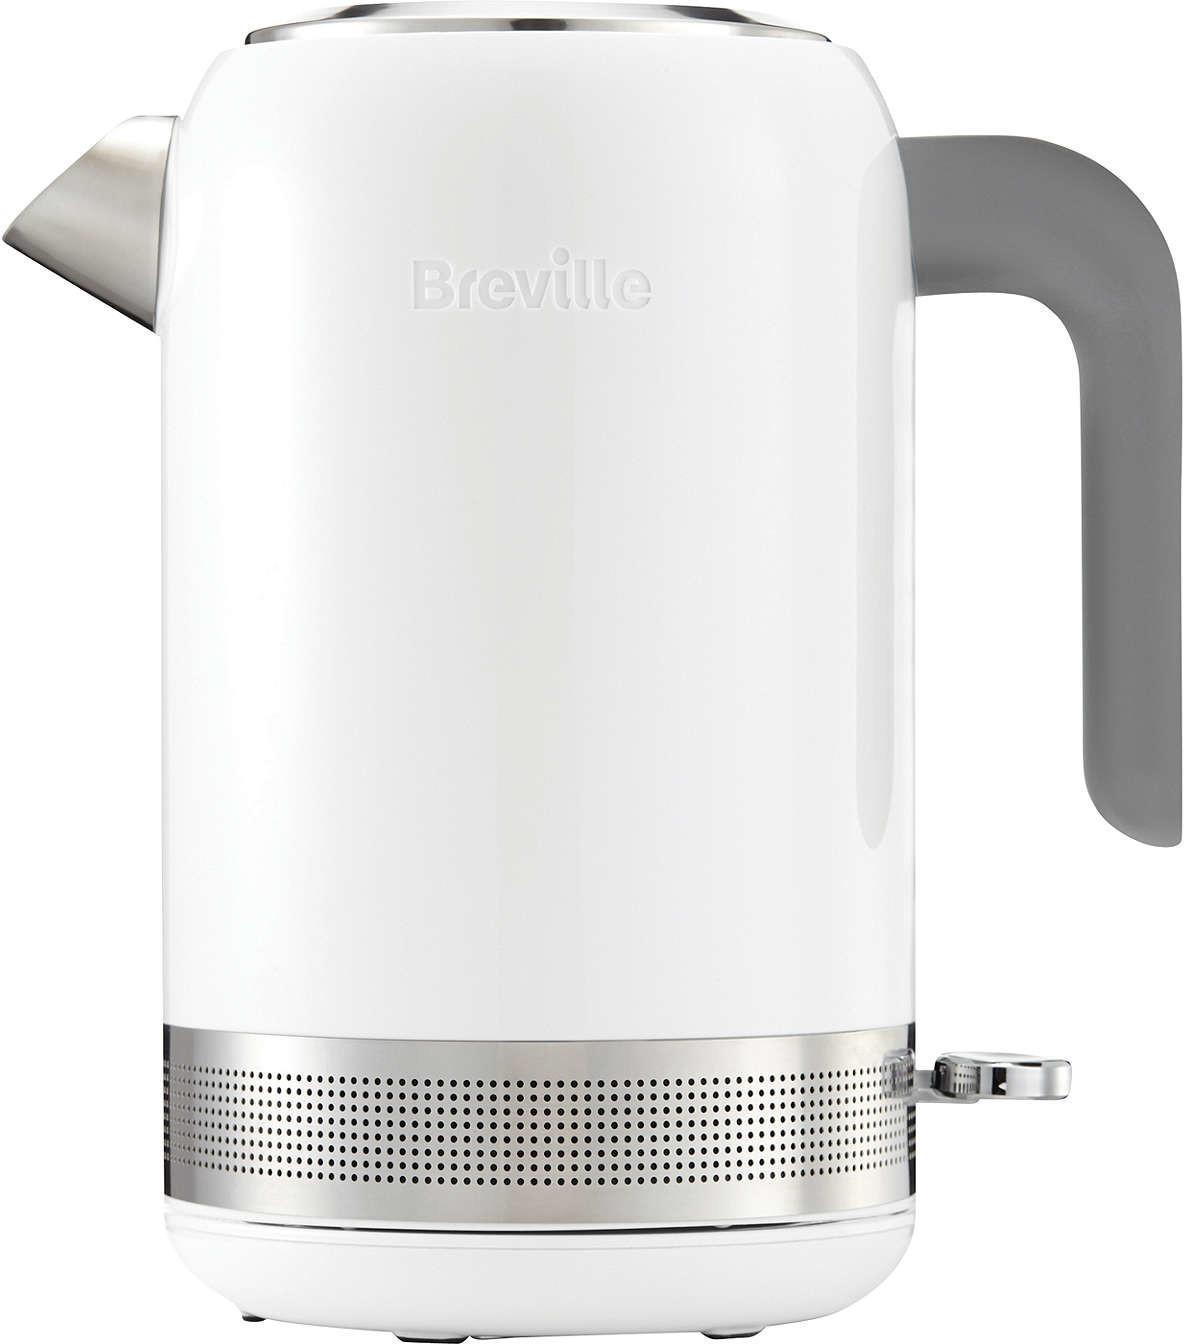 Image of Breville Rapid Boil Kettle VKJ946